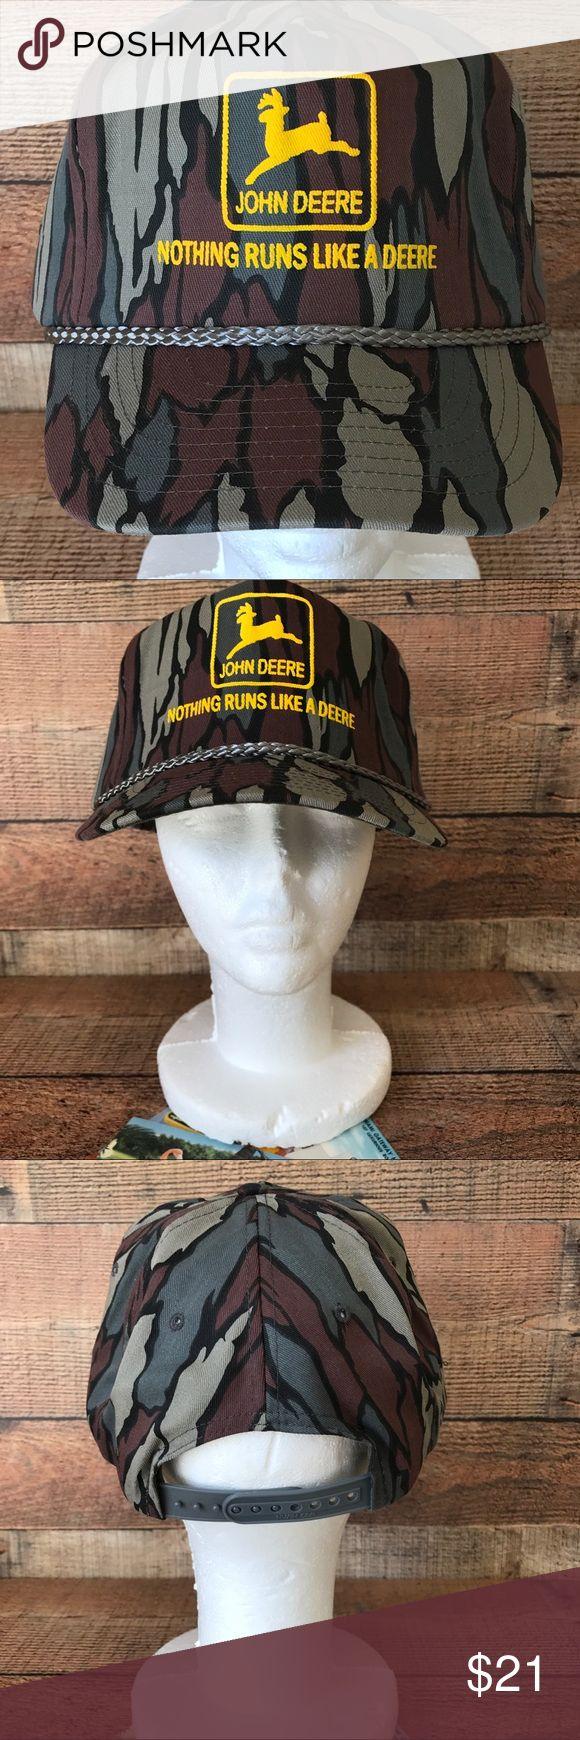 John Deere Camo Trucker SnapBack Hat Excellent Condition John Deere Accessories Hats